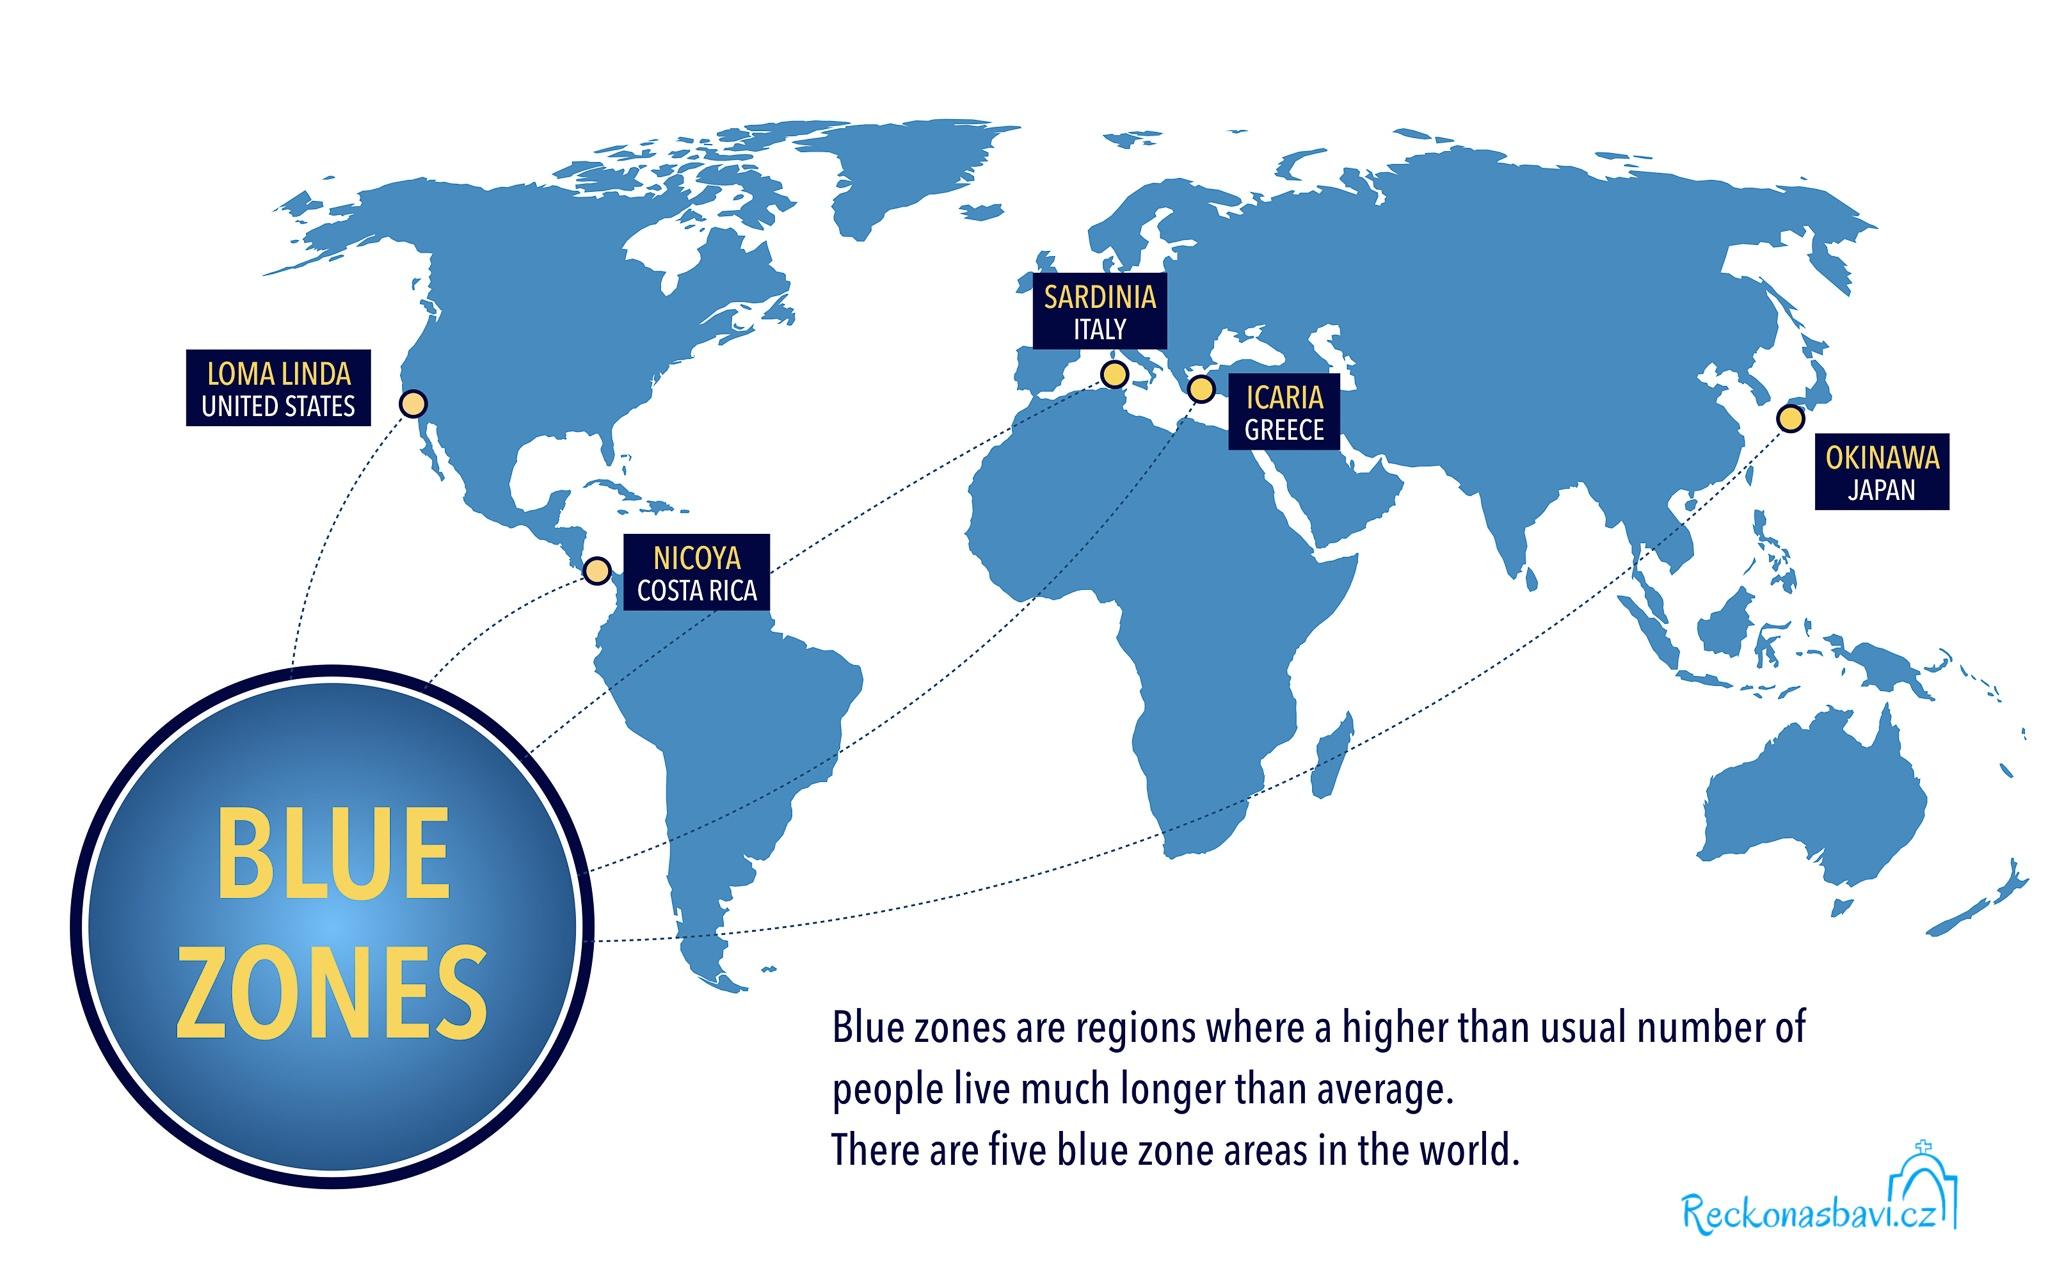 Na naší planetě bychom mohli najít pouze 5 míst, kde se místní obyvatelé dožívají velice vysoké věku.